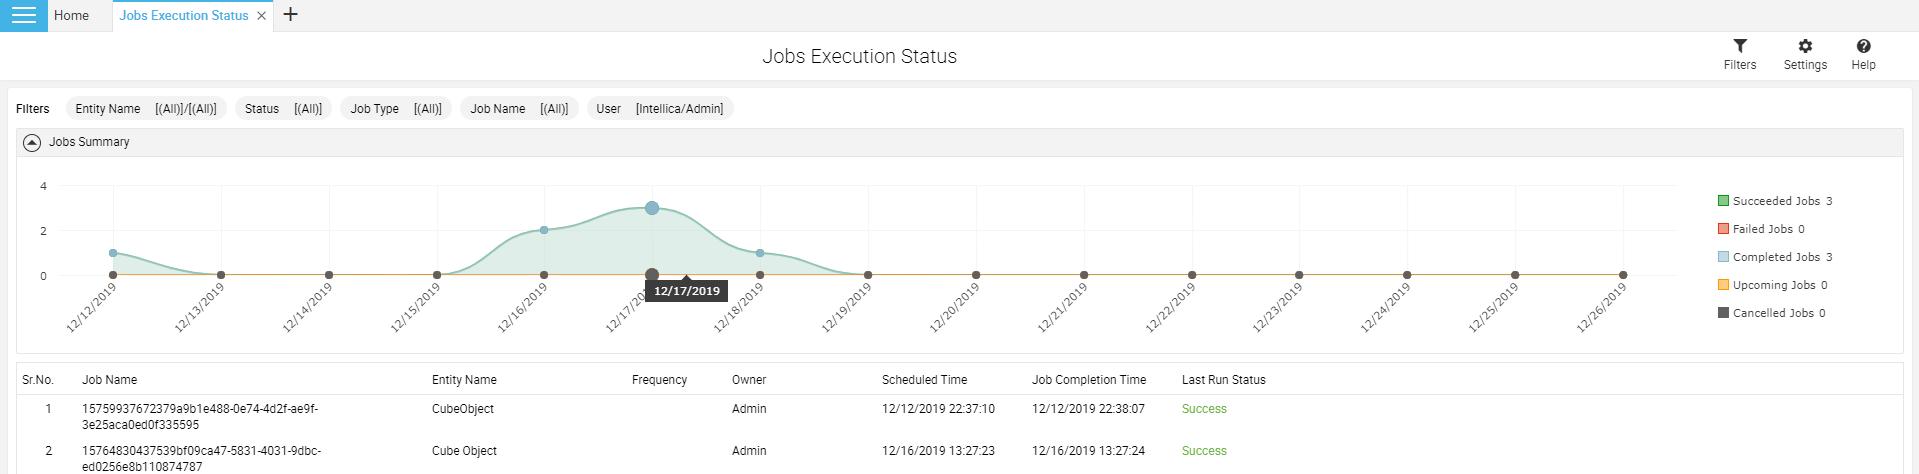 Jobs execution status